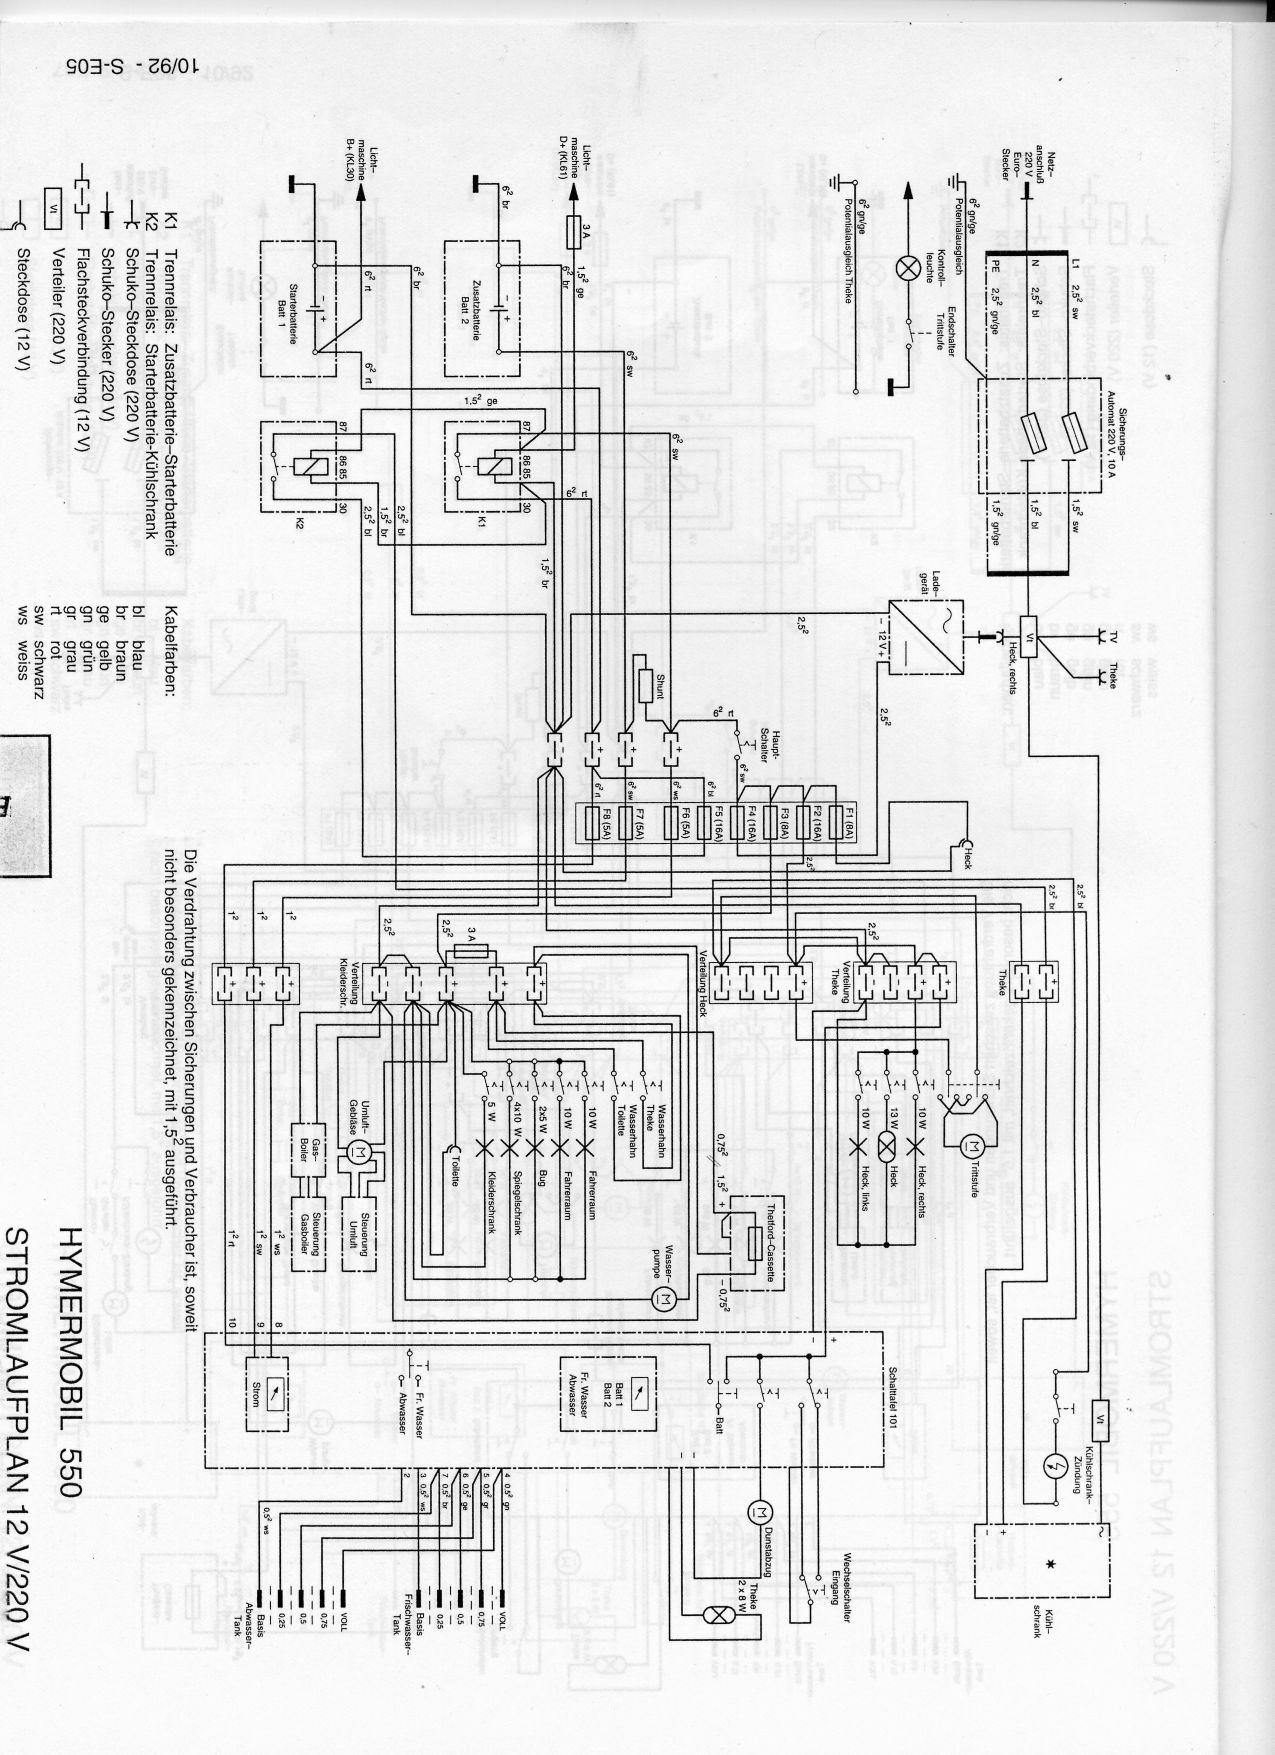 Fantastisch 220 Steckdosen Schaltplan Ideen - Der Schaltplan ...